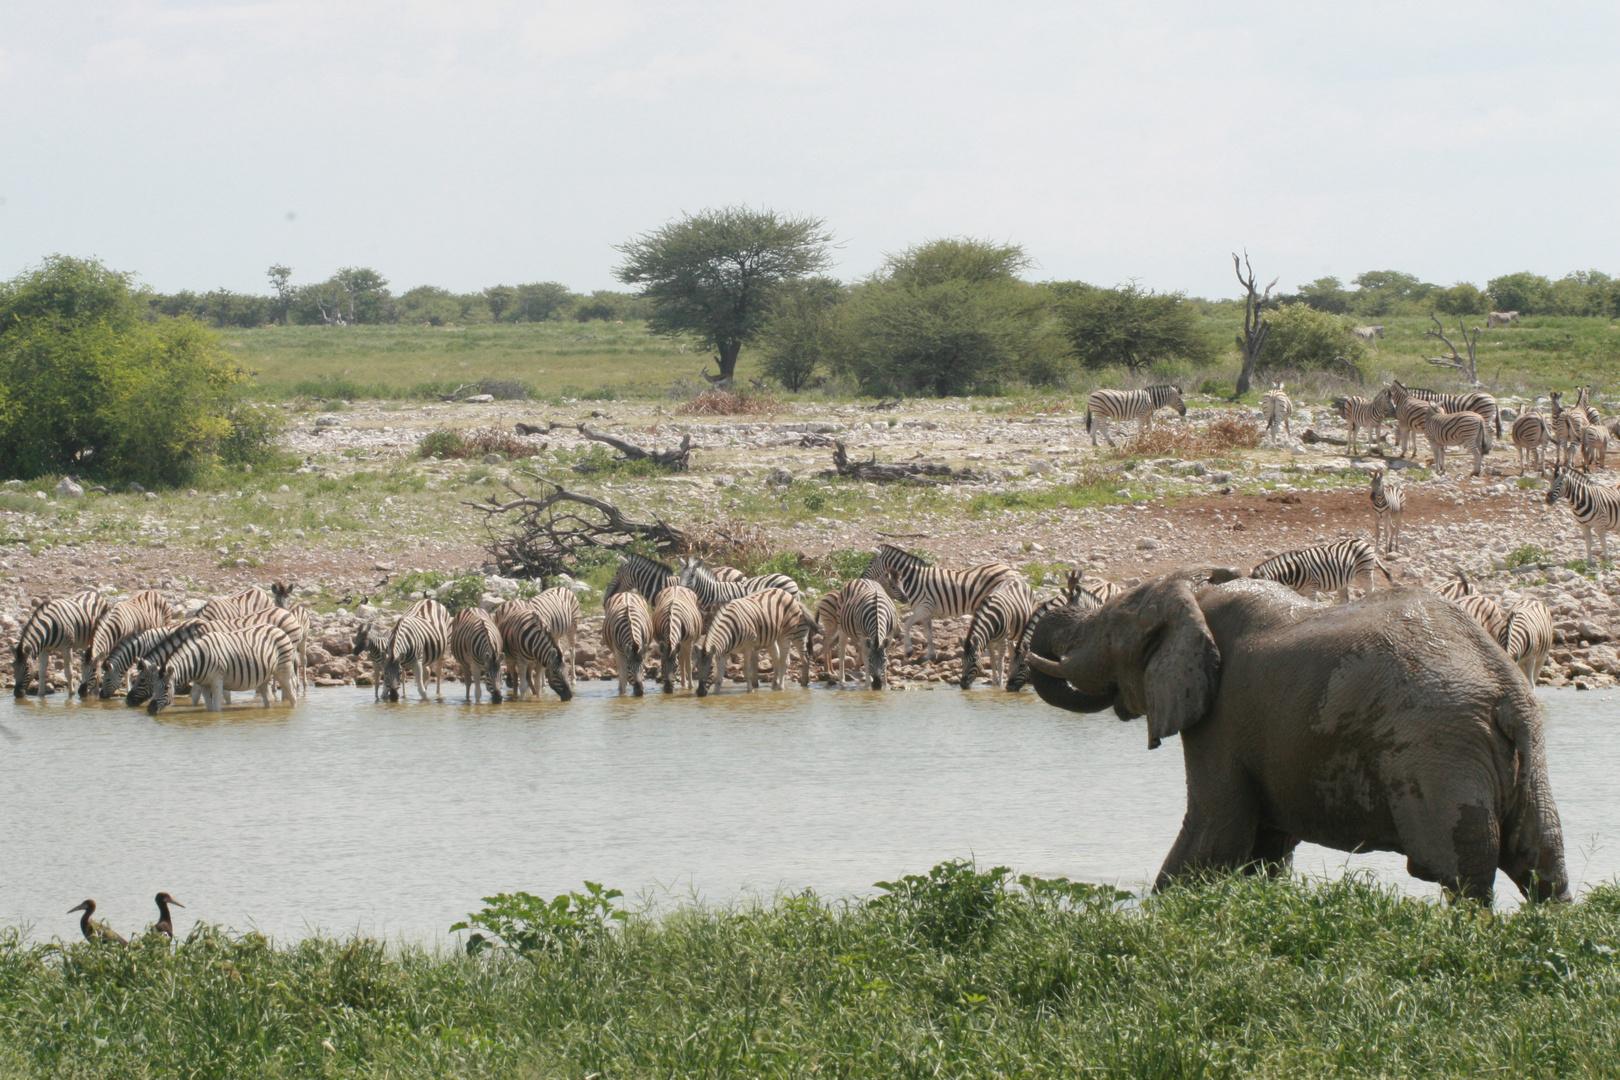 Afrikanischer Elefant und Steppenzebras